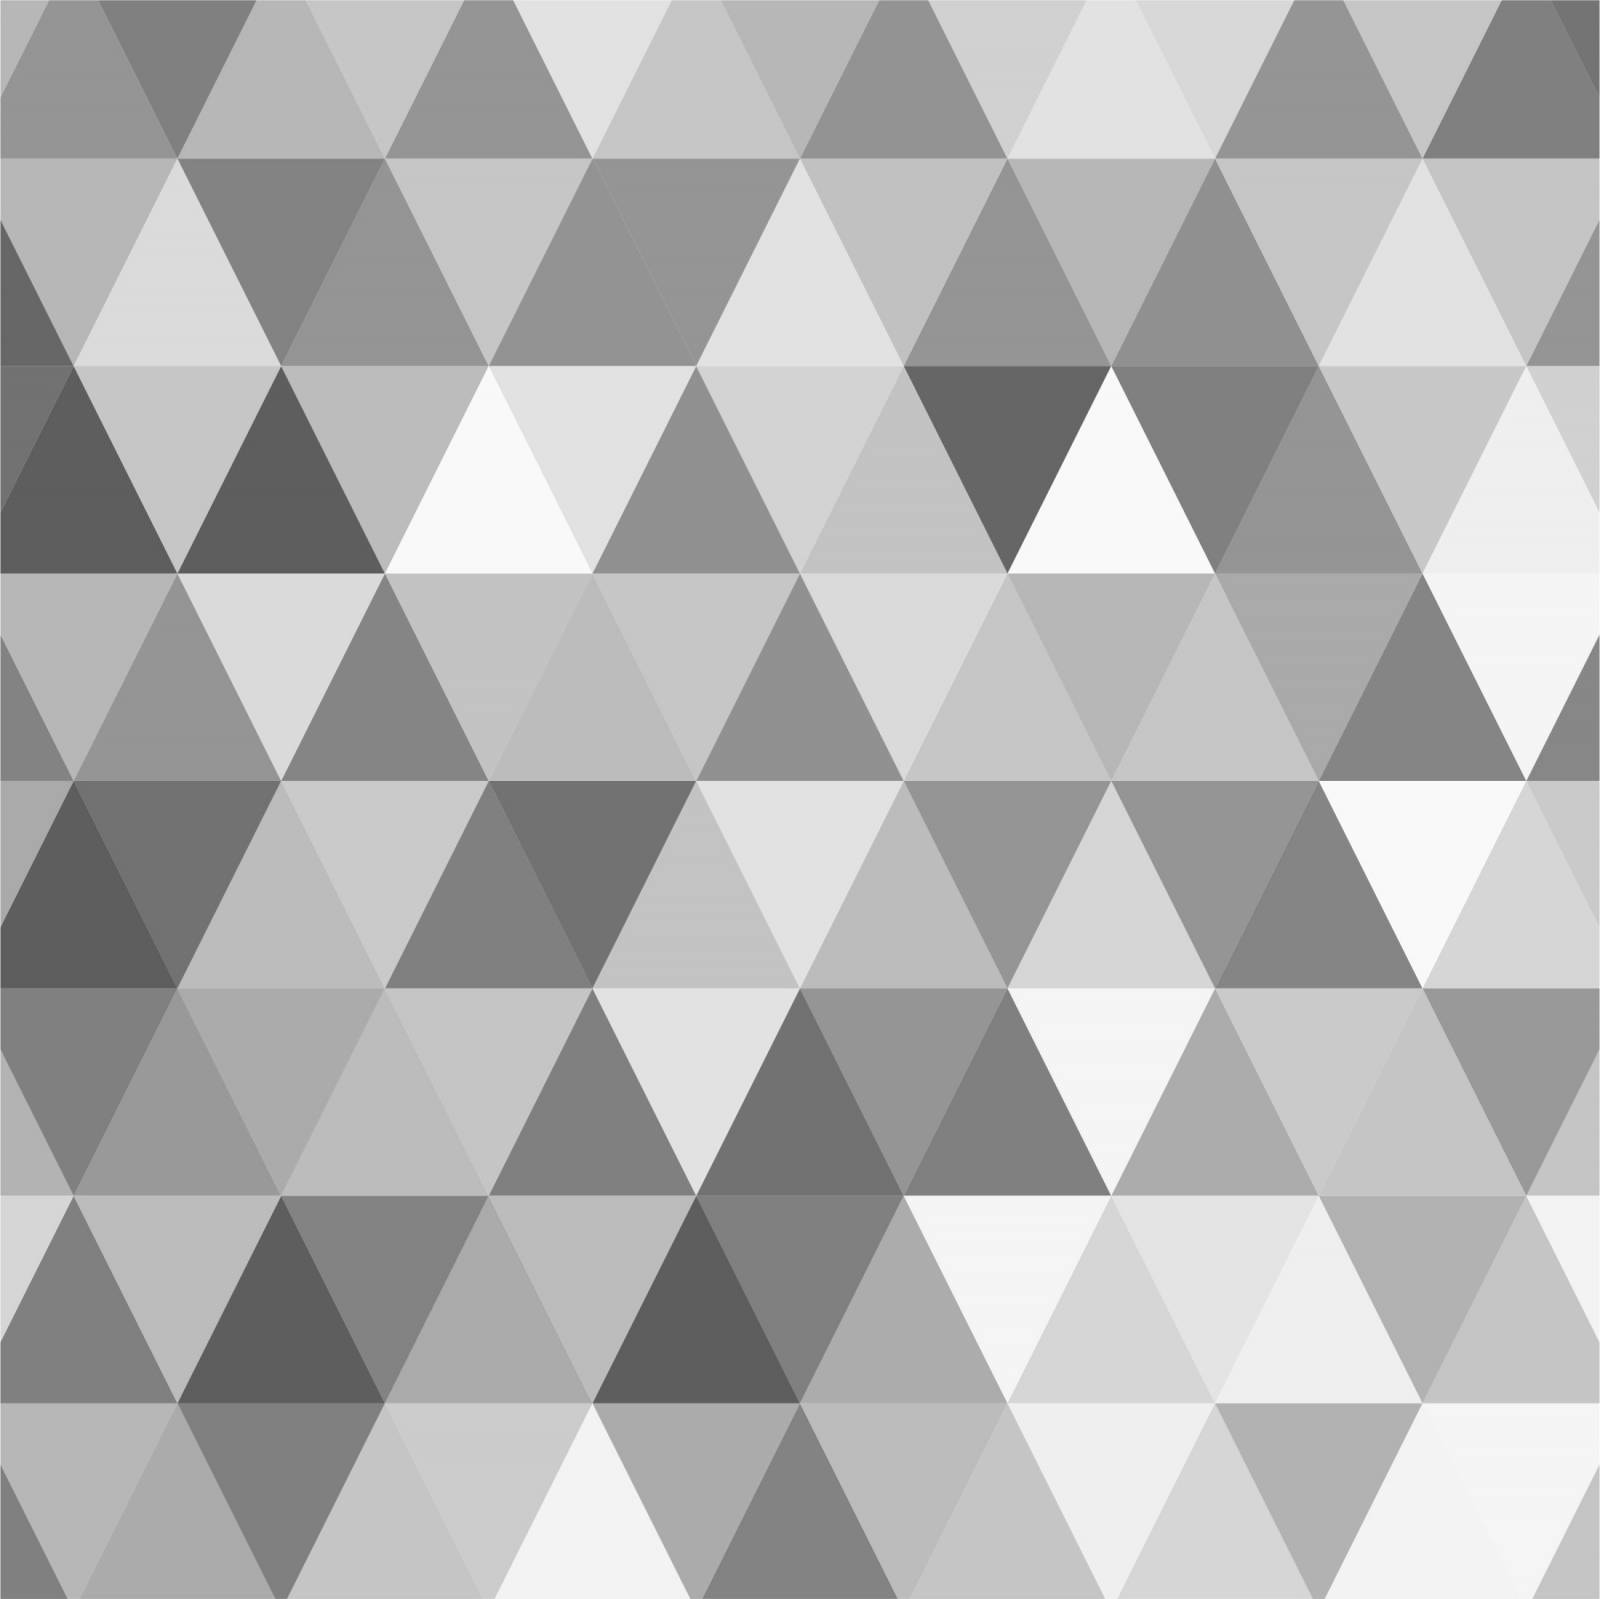 Papel de Parede Adesivo Geometrico Cinza /Rolo imagem 1